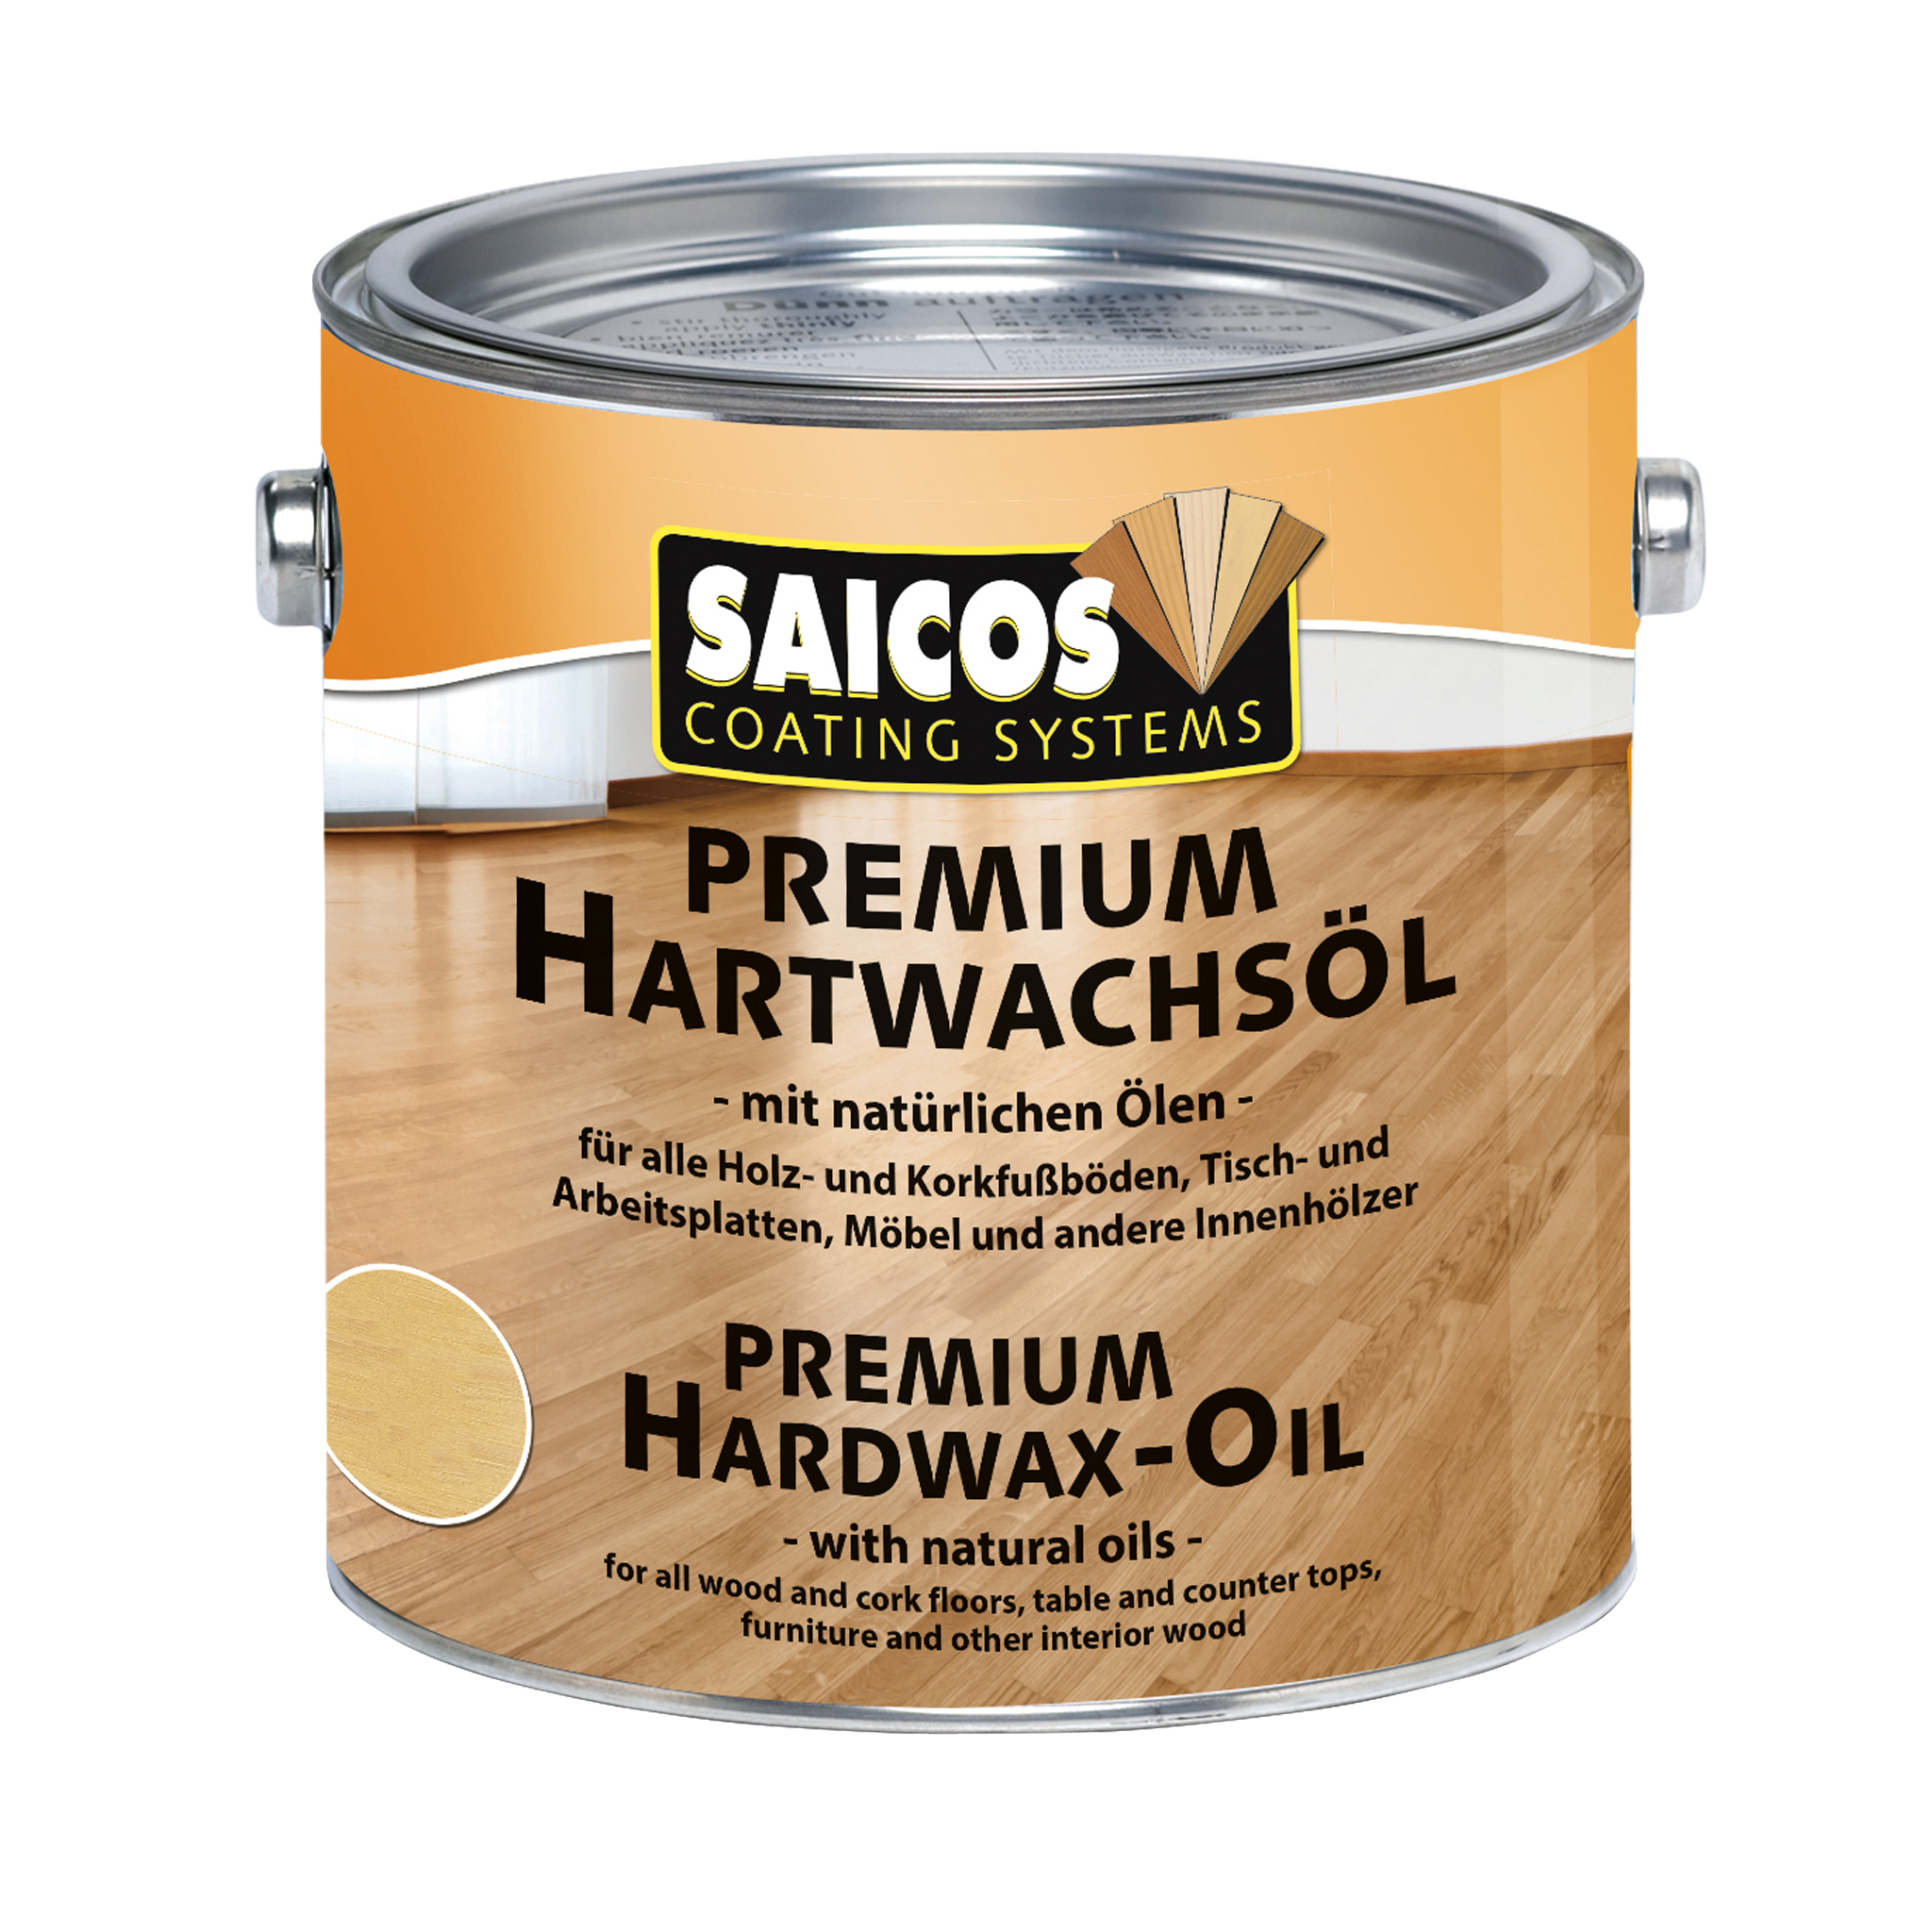 SAICOS premium hard-wax-oil semigloss